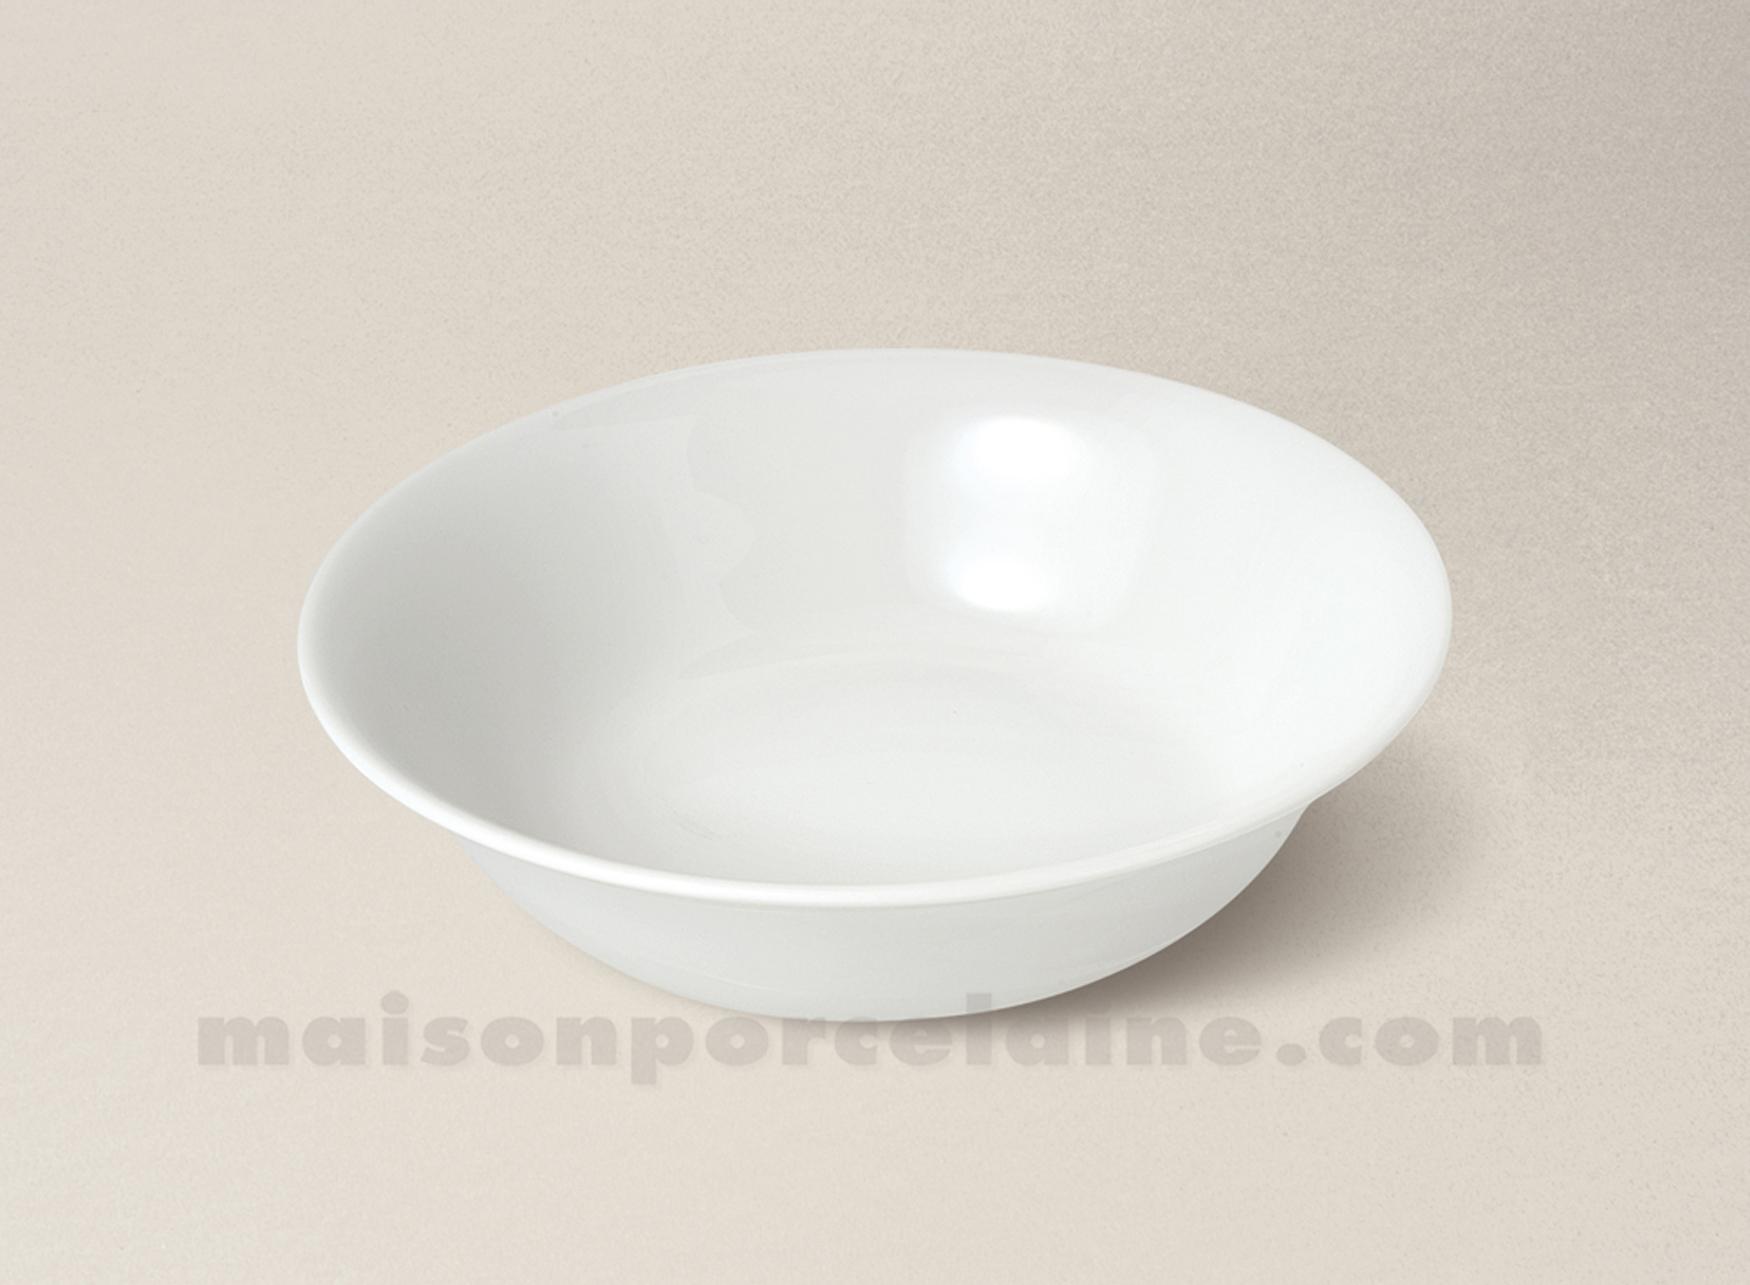 coupelle creme limoges porcelaine blanche empire d16 maison de la porcelaine. Black Bedroom Furniture Sets. Home Design Ideas